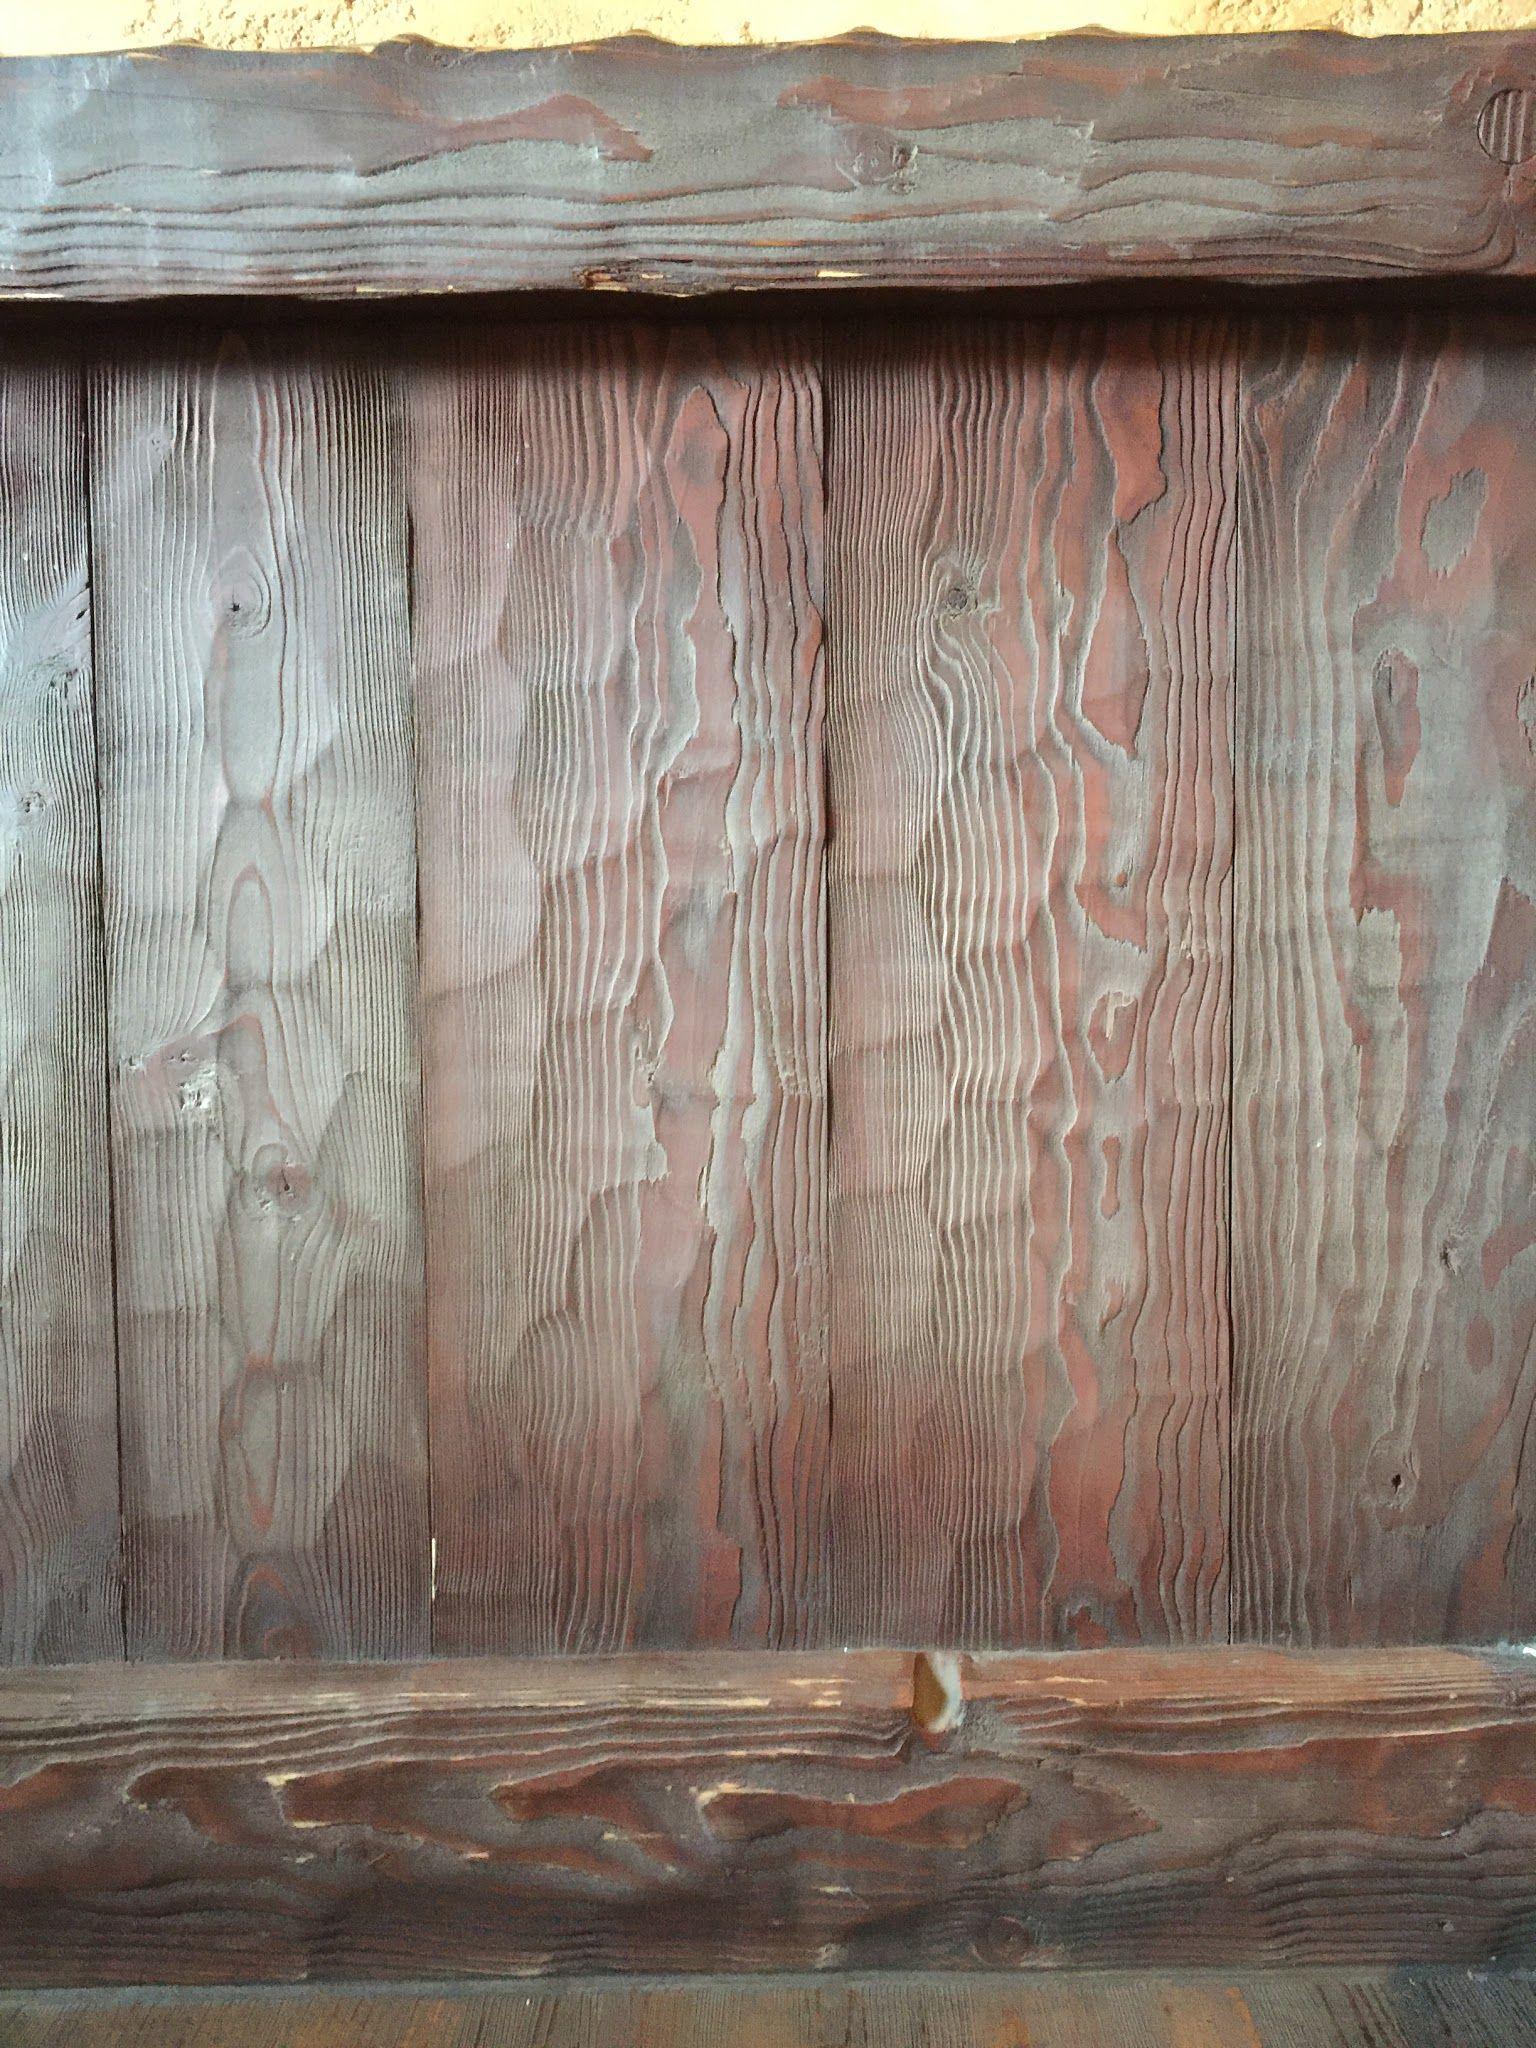 Frp As Rough Hewn Wood Rough Hewn Wood Rough Hewn Wood